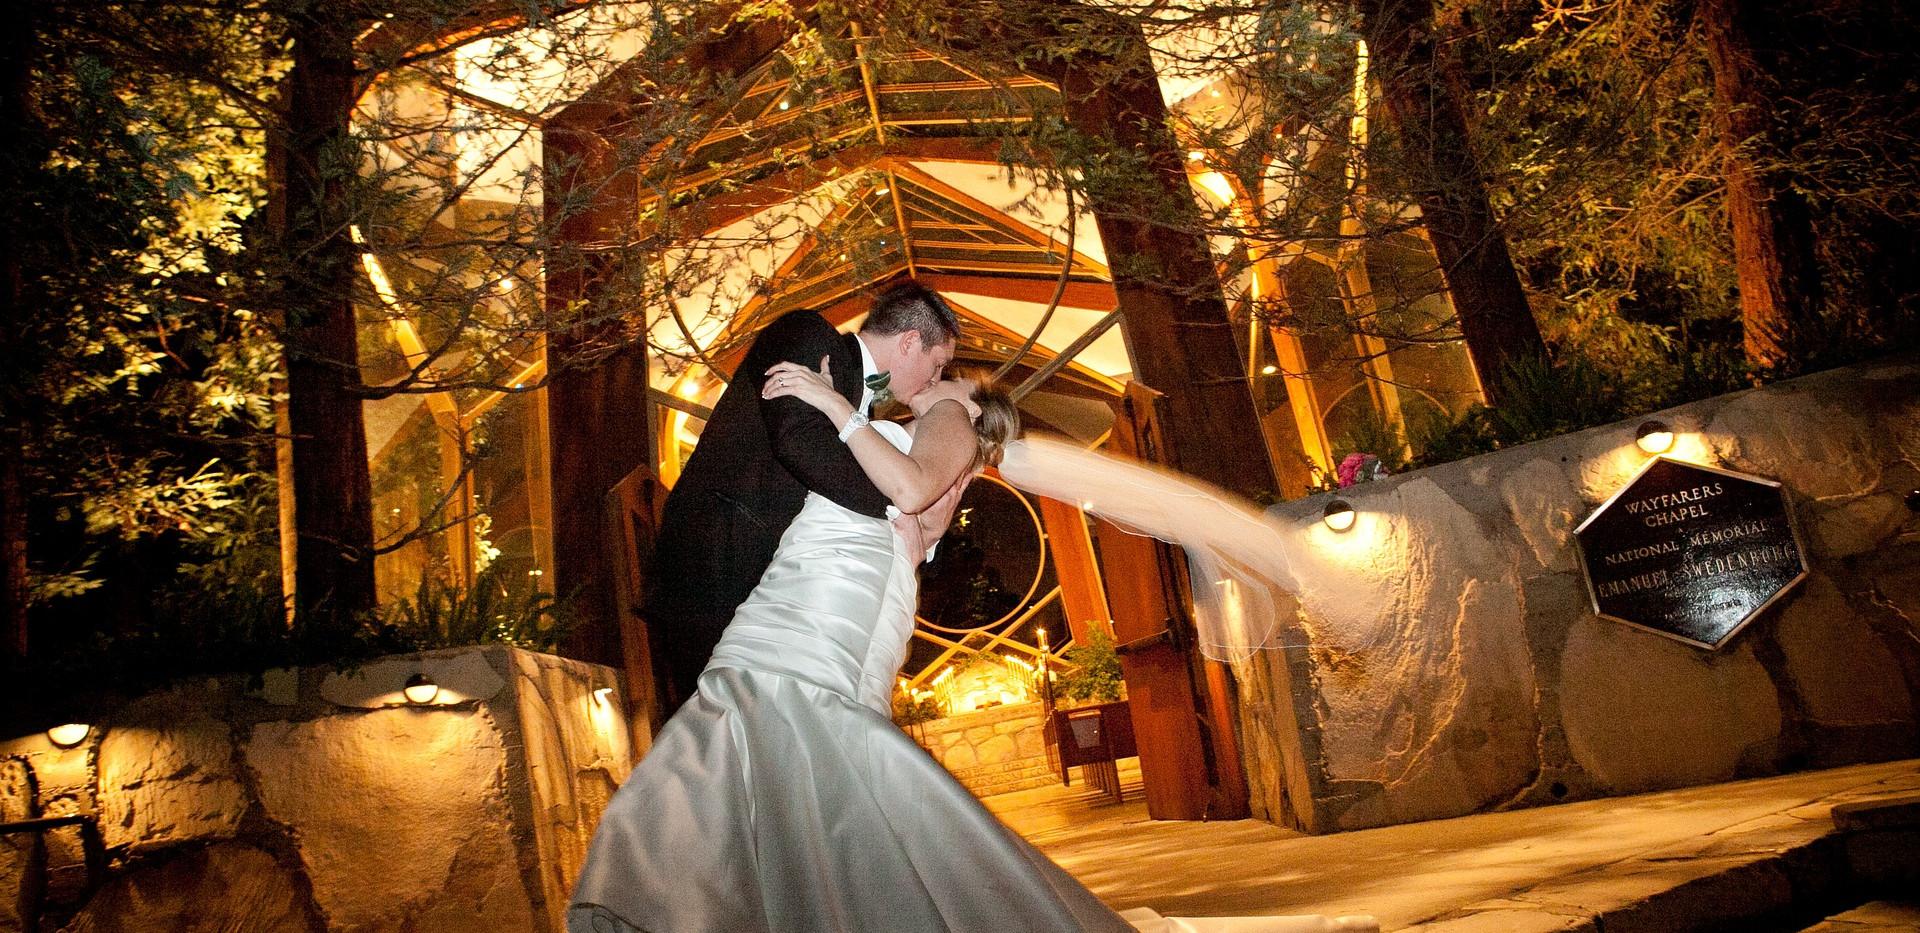 wedding-2381491_1920.jpg